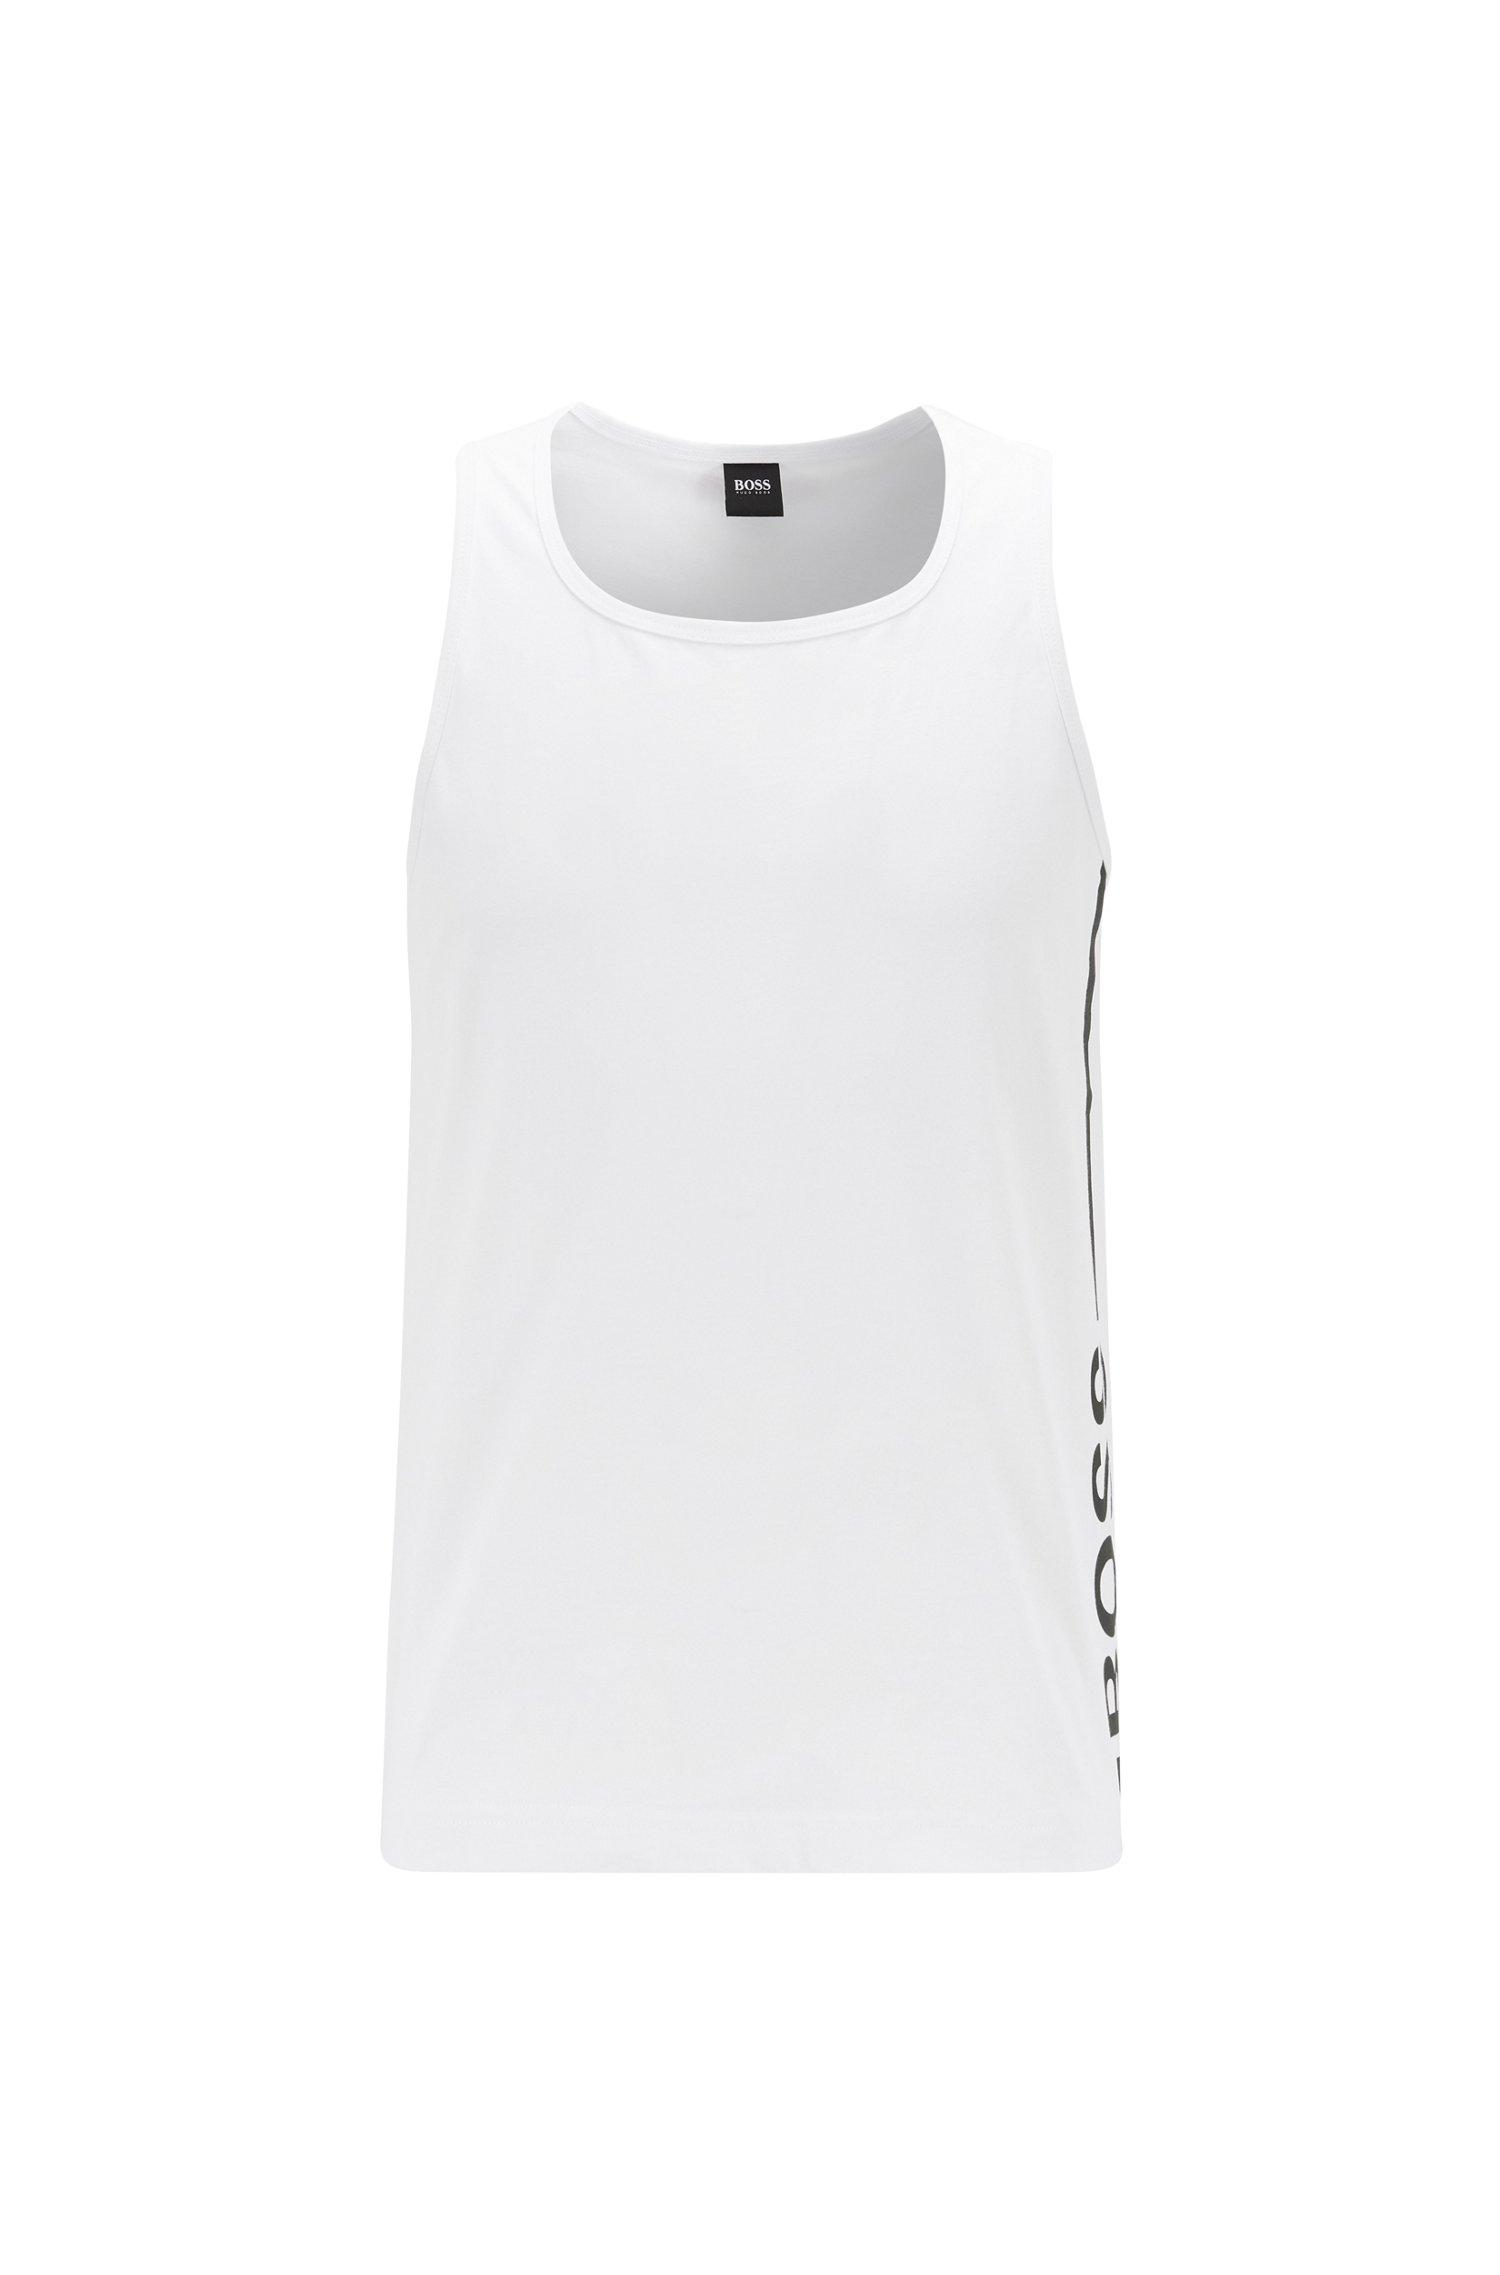 Tanktop aus reiner Baumwolle mit vertikalem Logo, Weiß